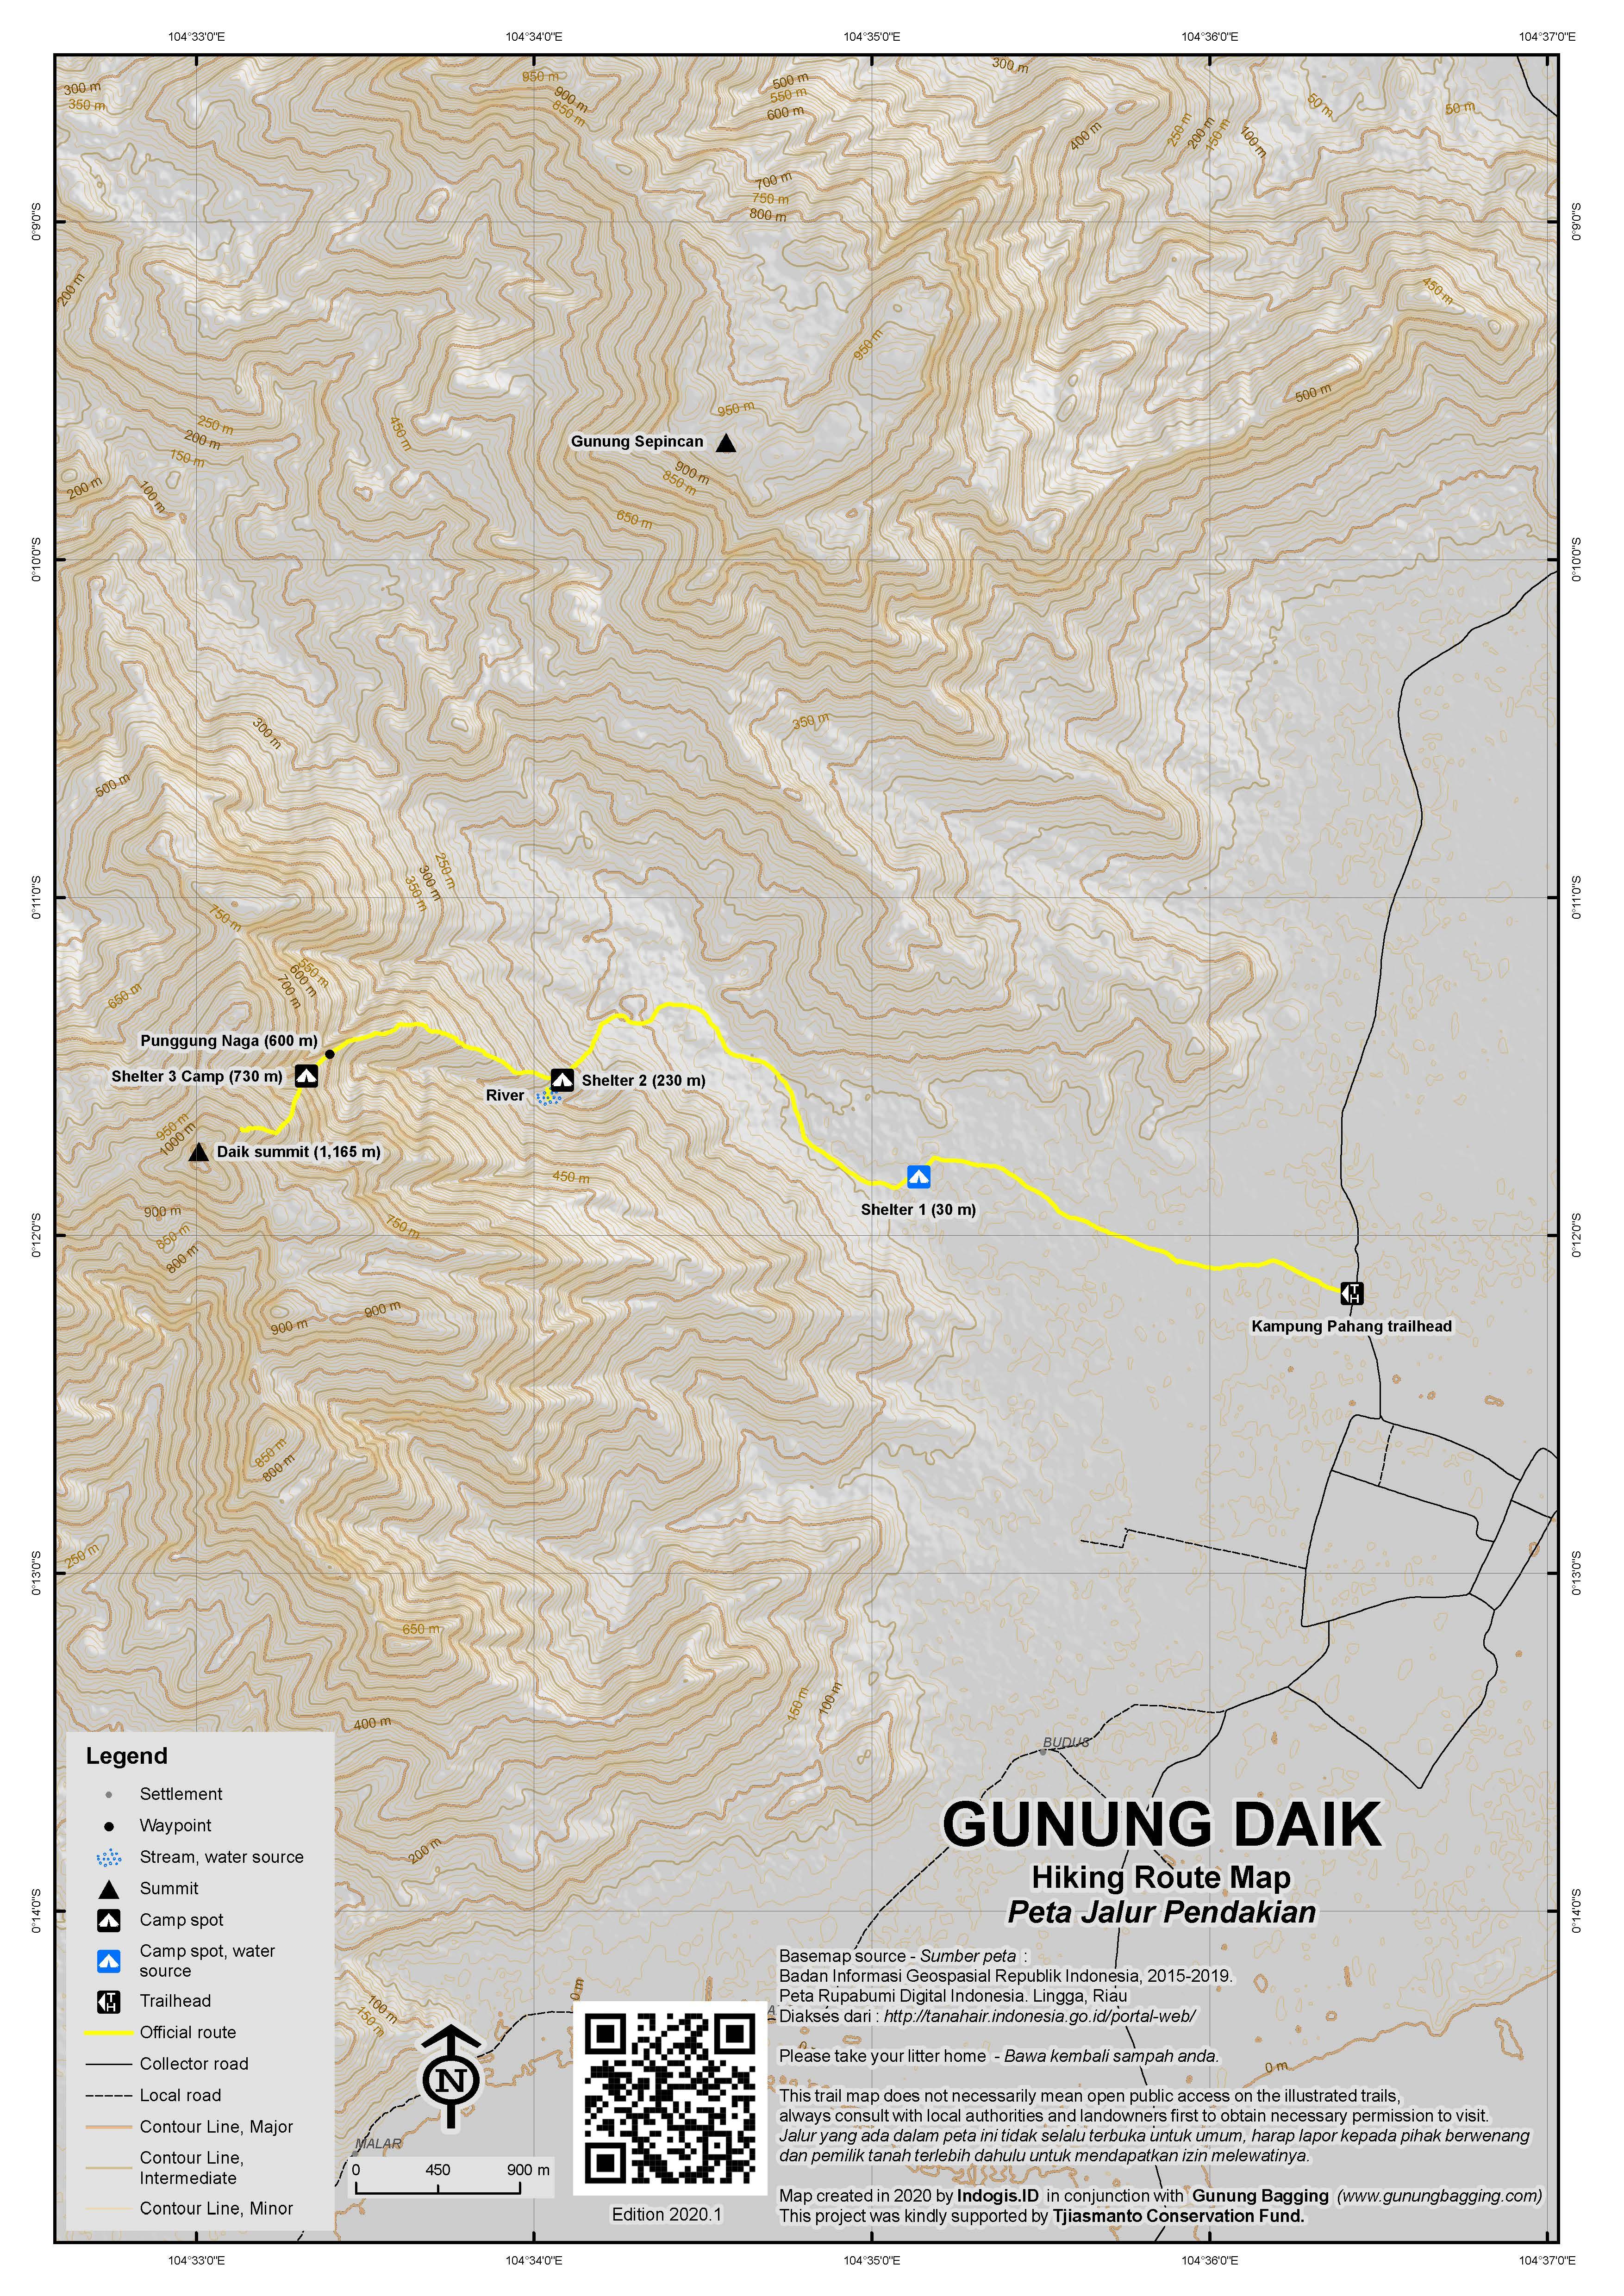 Peta Jalur Pendakian Gunung Daik